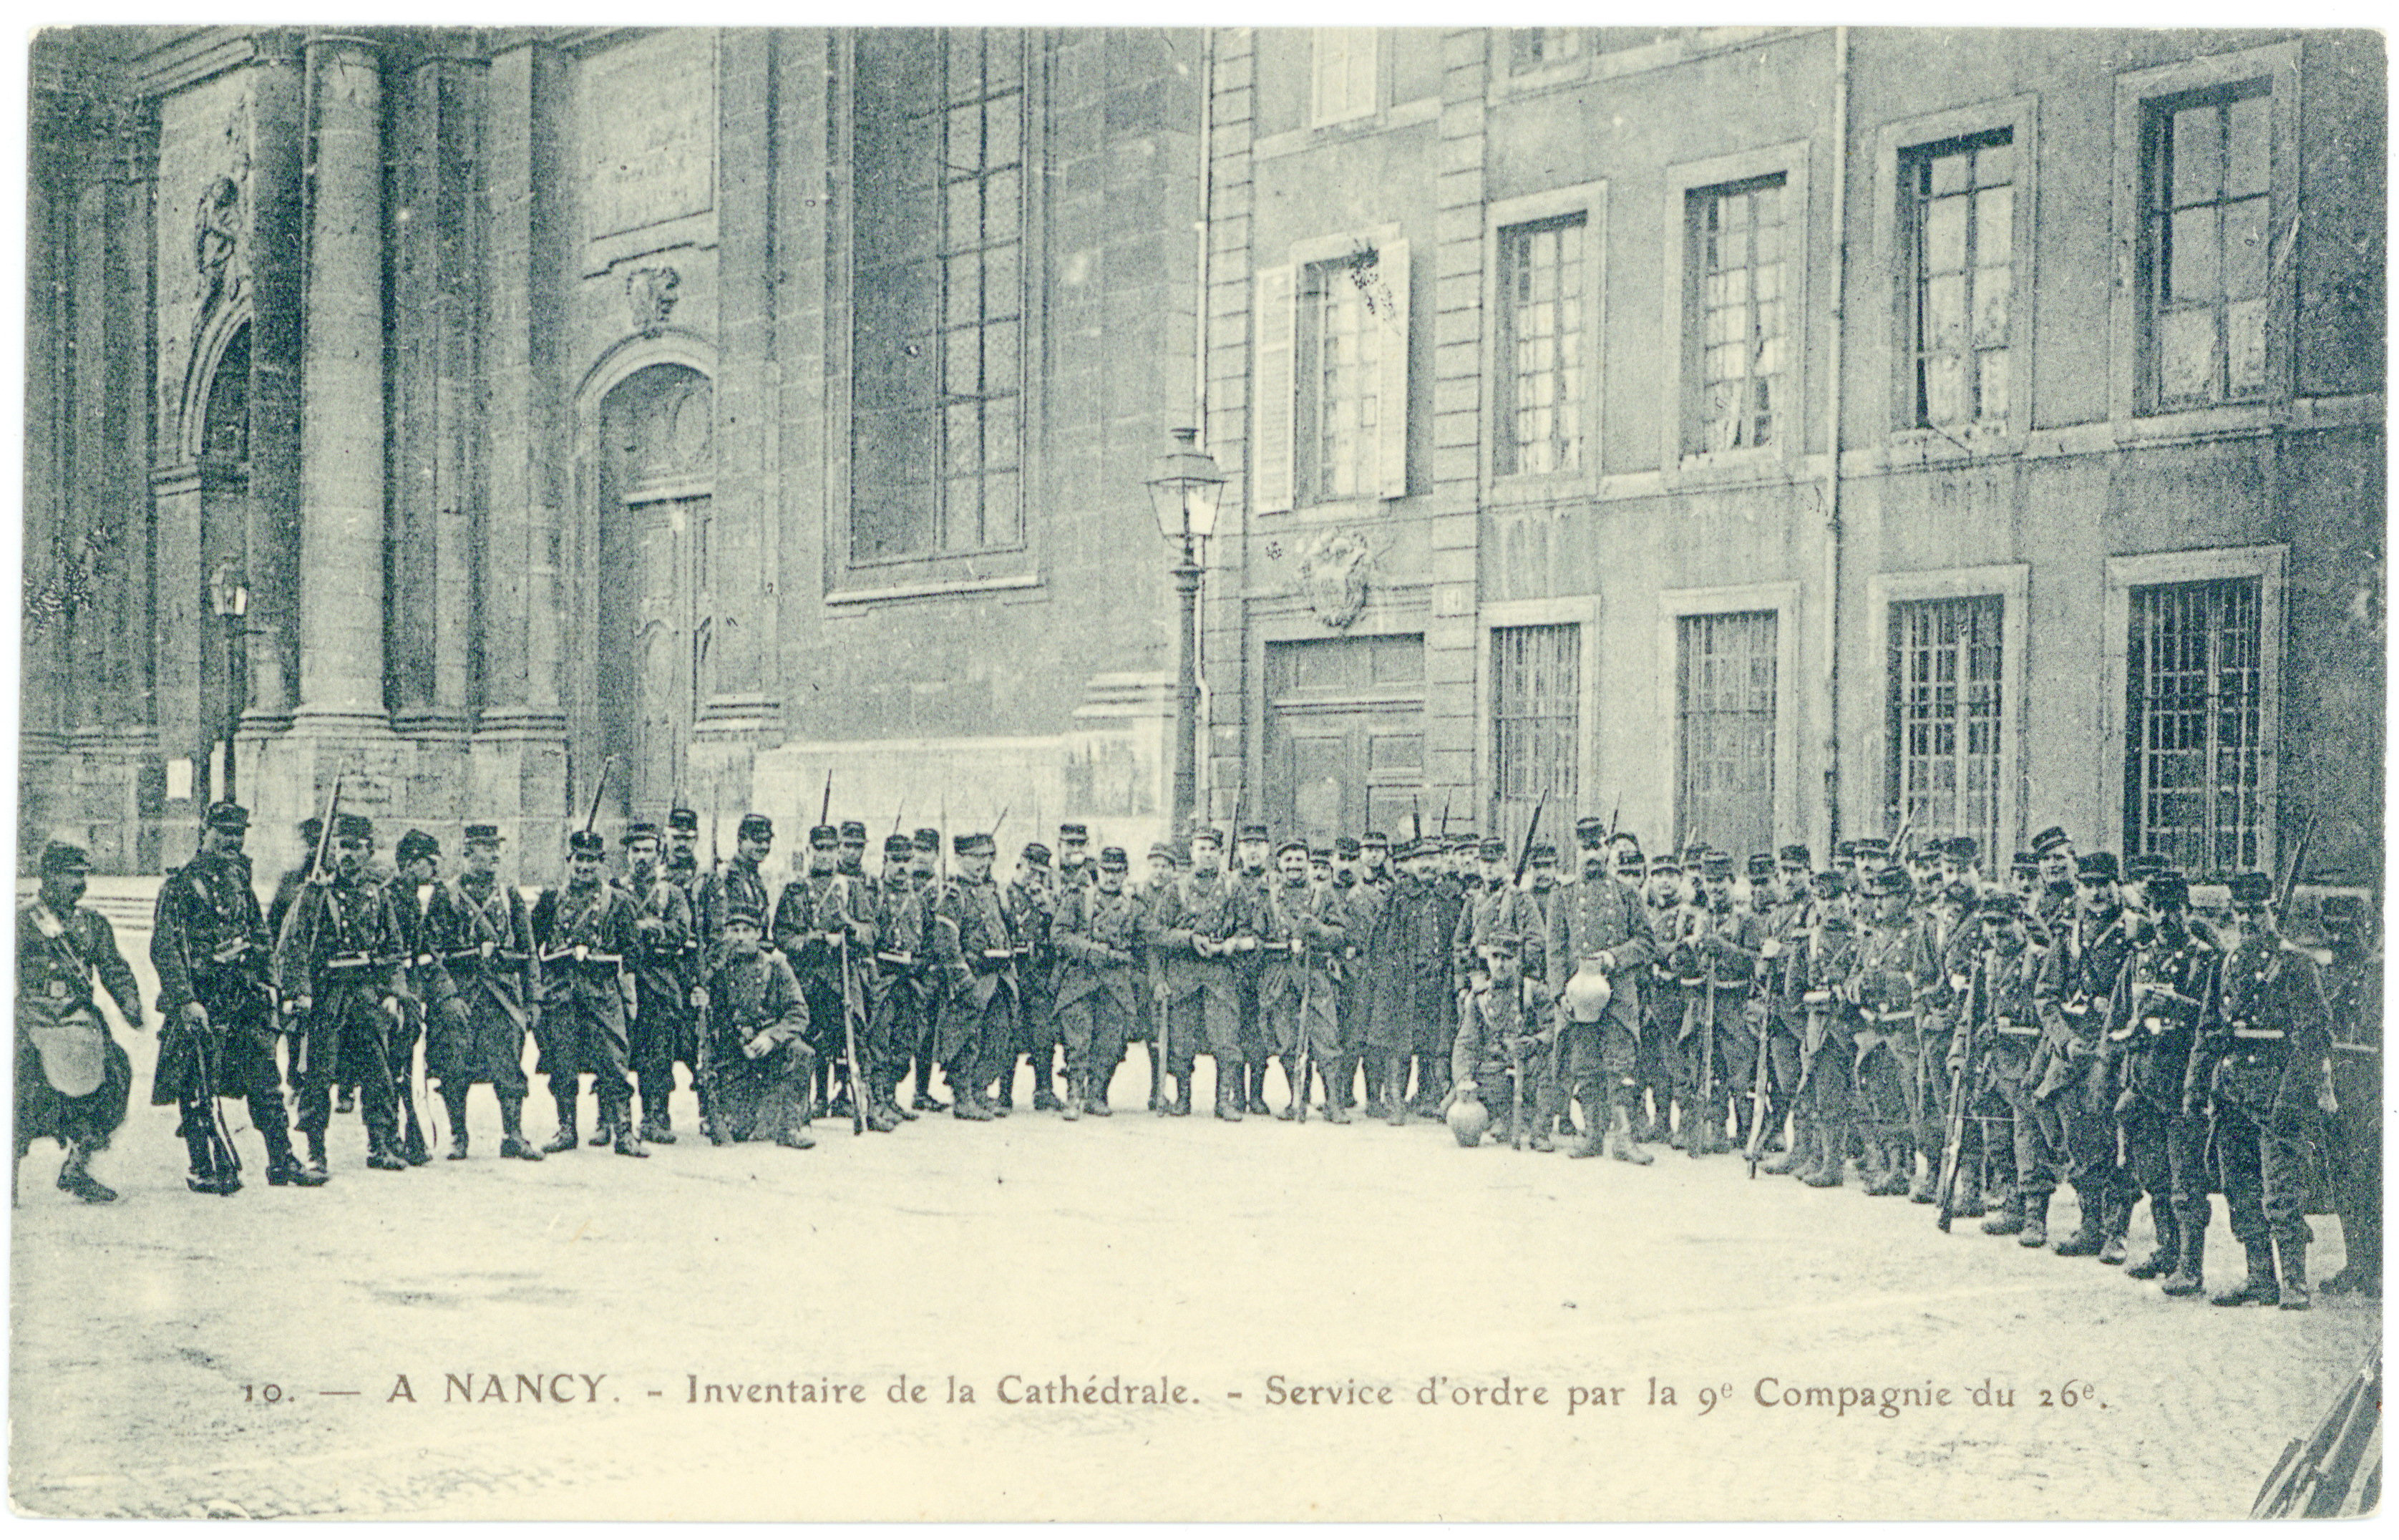 Contenu du A Nancy. Inventaire de la cathédrale. Service d'ordre par la 9e compagnie du 26e